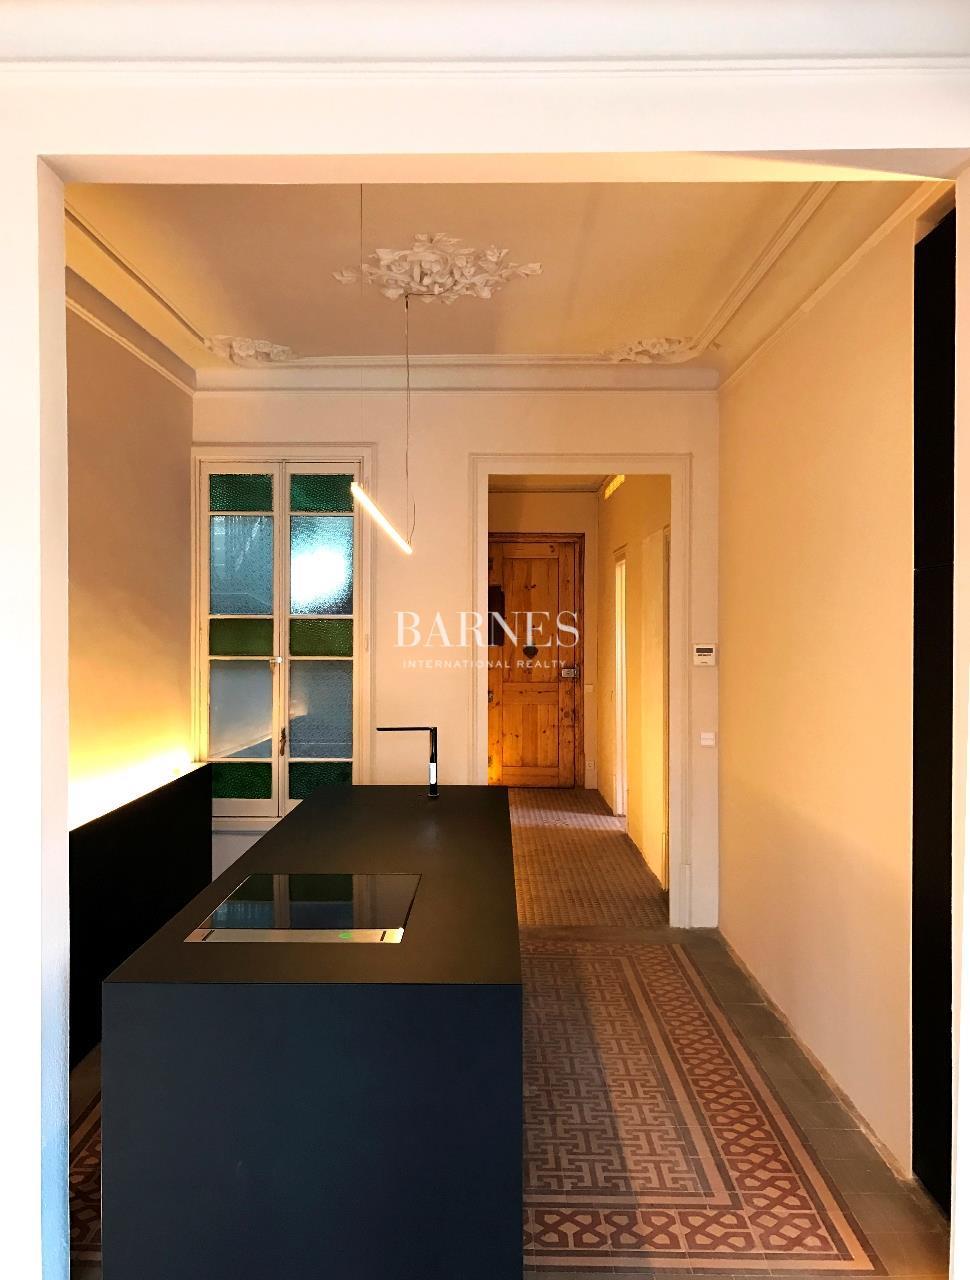 Appartement au coeur du centre ville de barcelone ventes immobili res de pr - Appartement vente barcelone ...